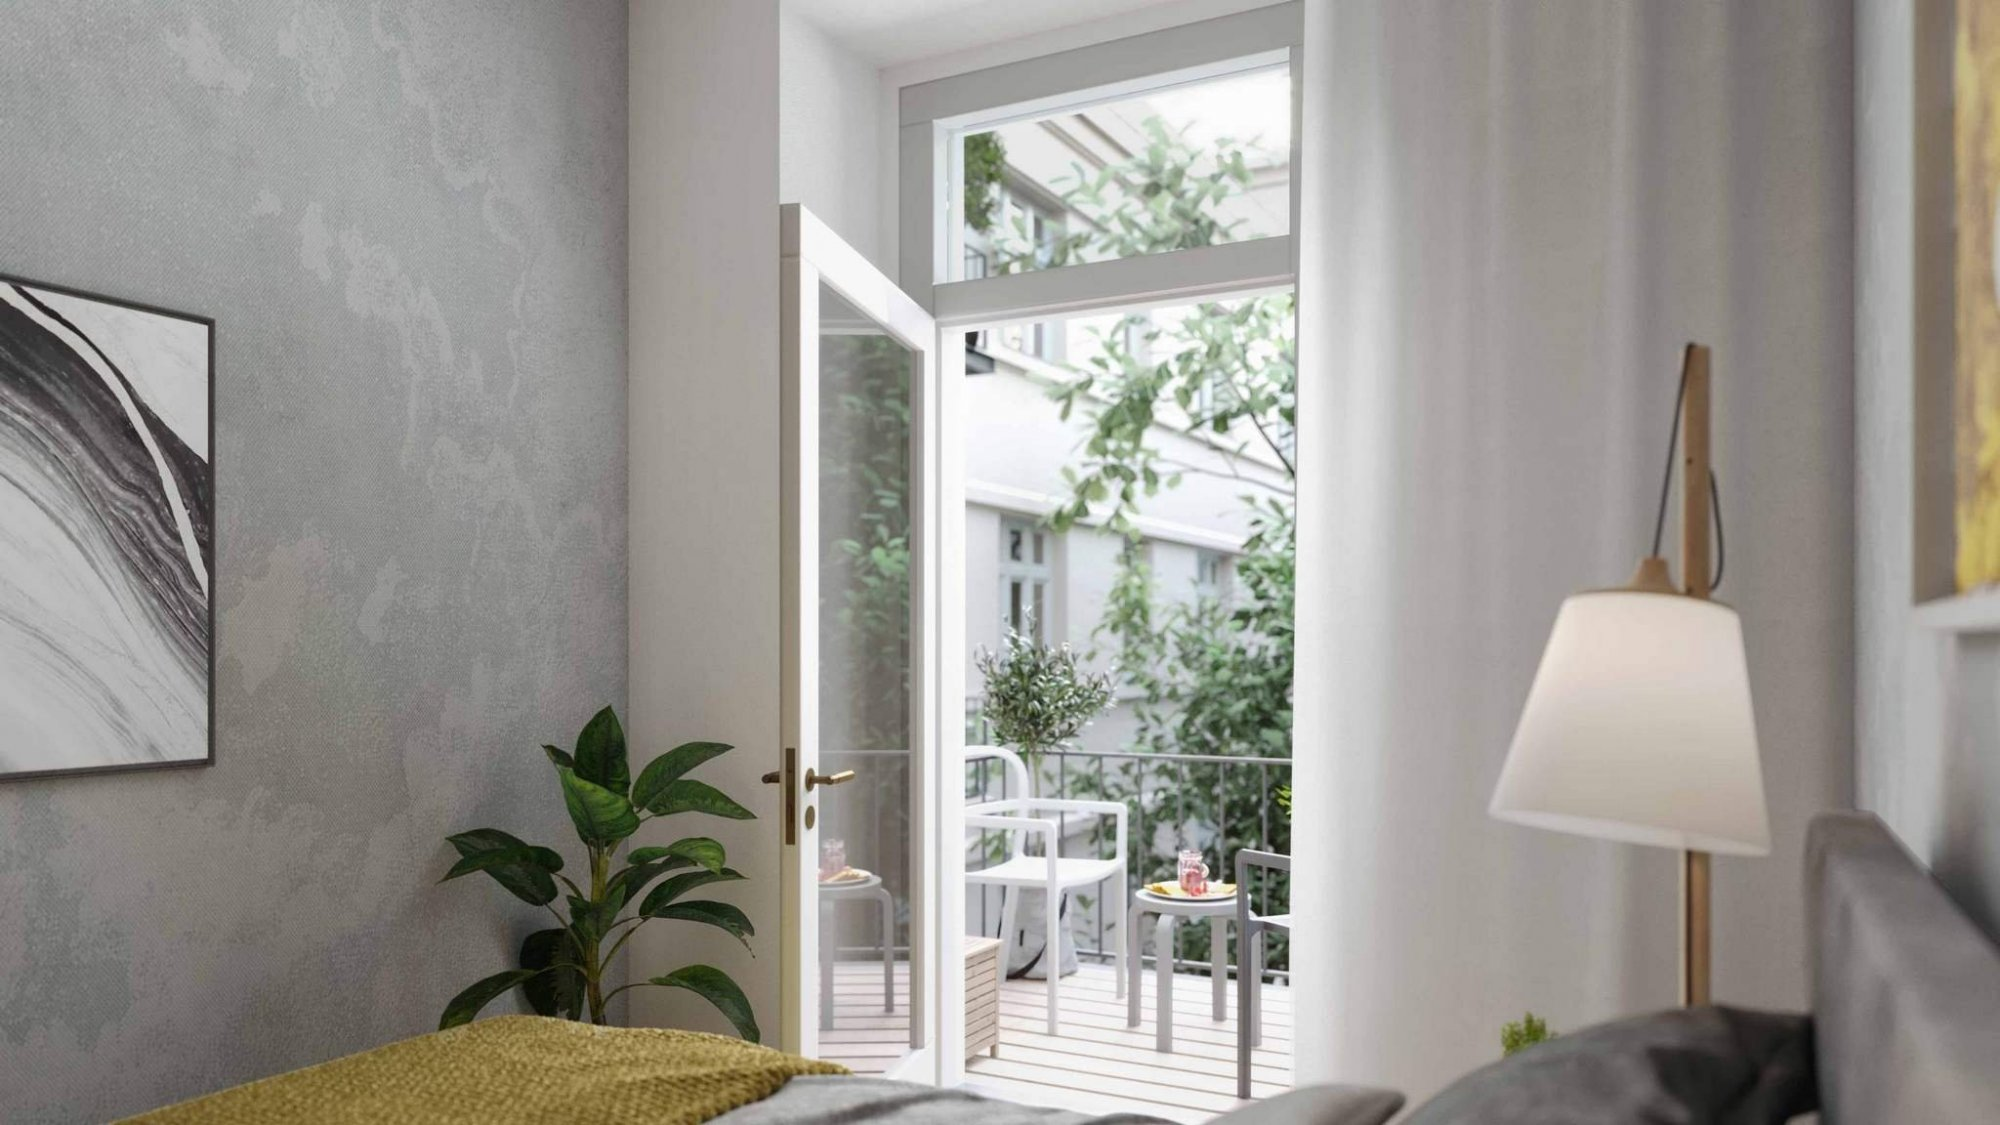 Vizulizace jednoho z bytů - Půdní byt 1+kk, plocha 30 m², ulice Lindnerova, Praha 8 - Libeň | 3